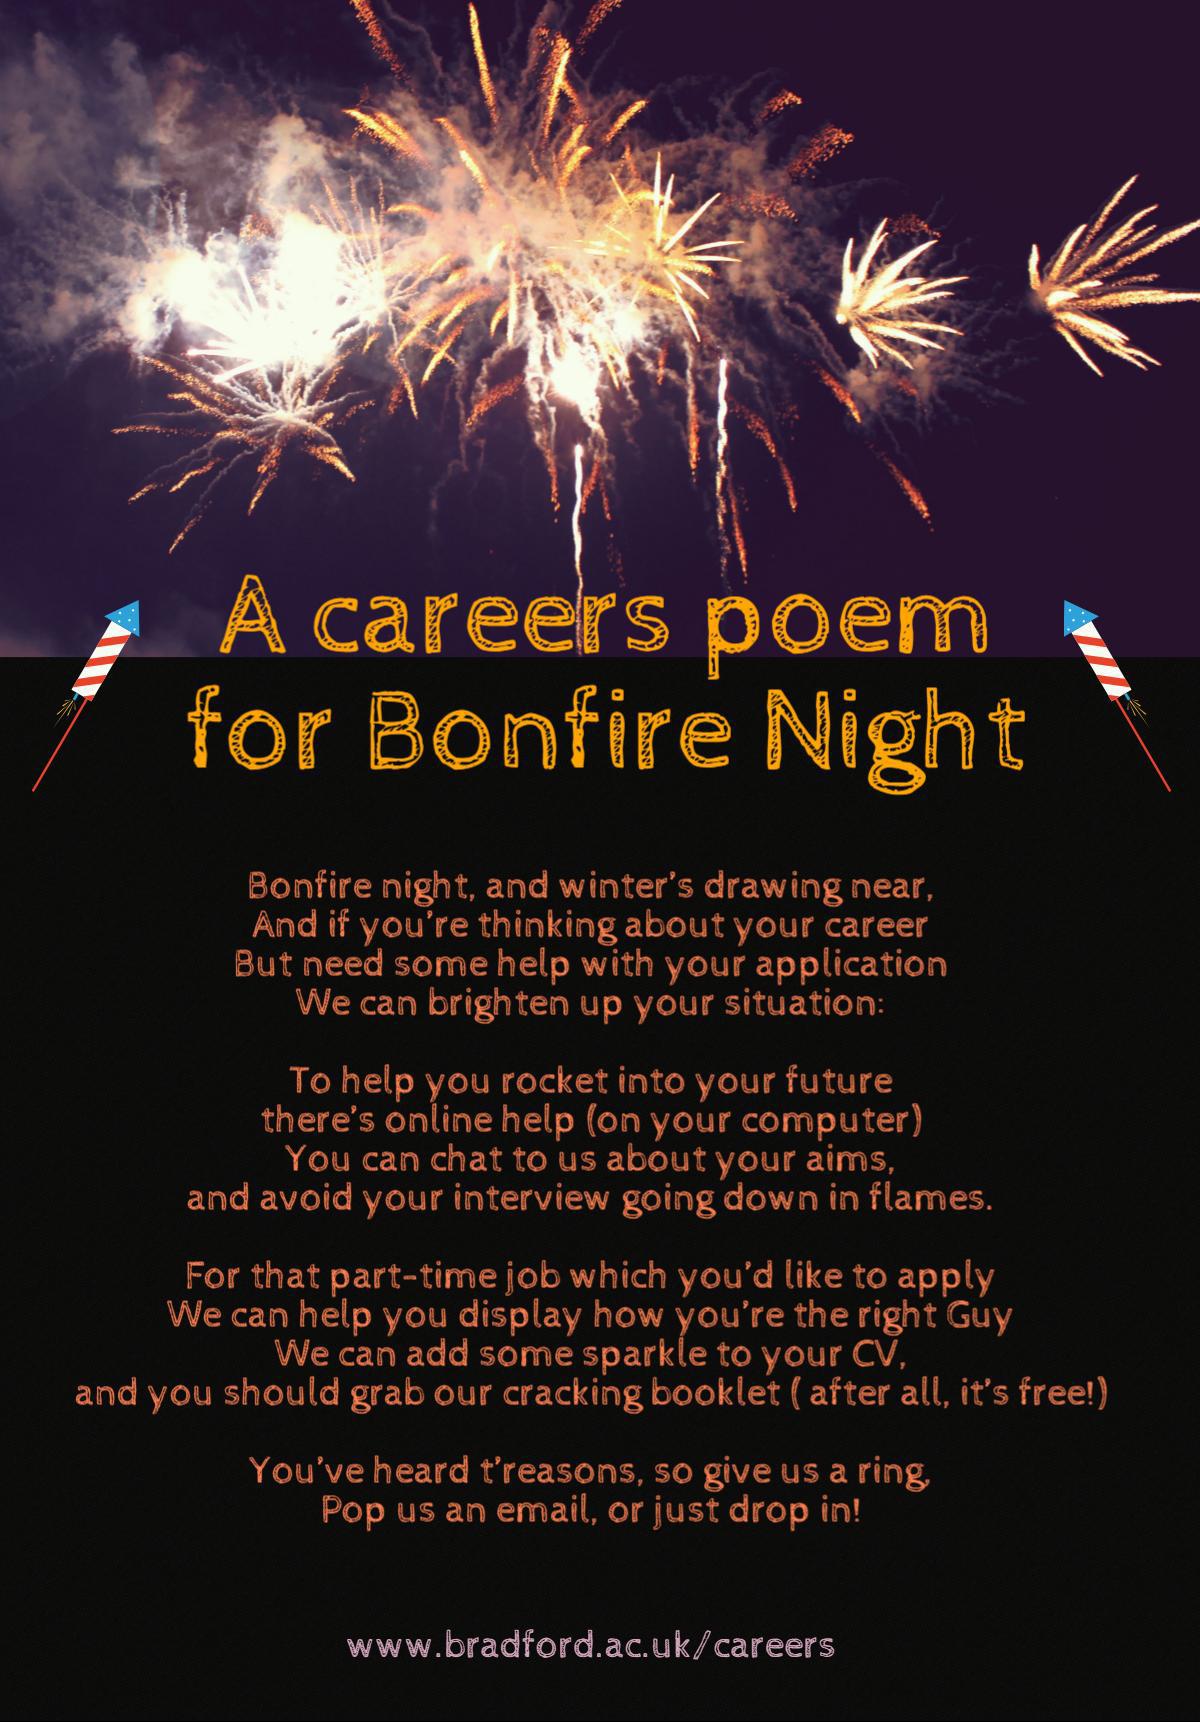 Bonfire night poem